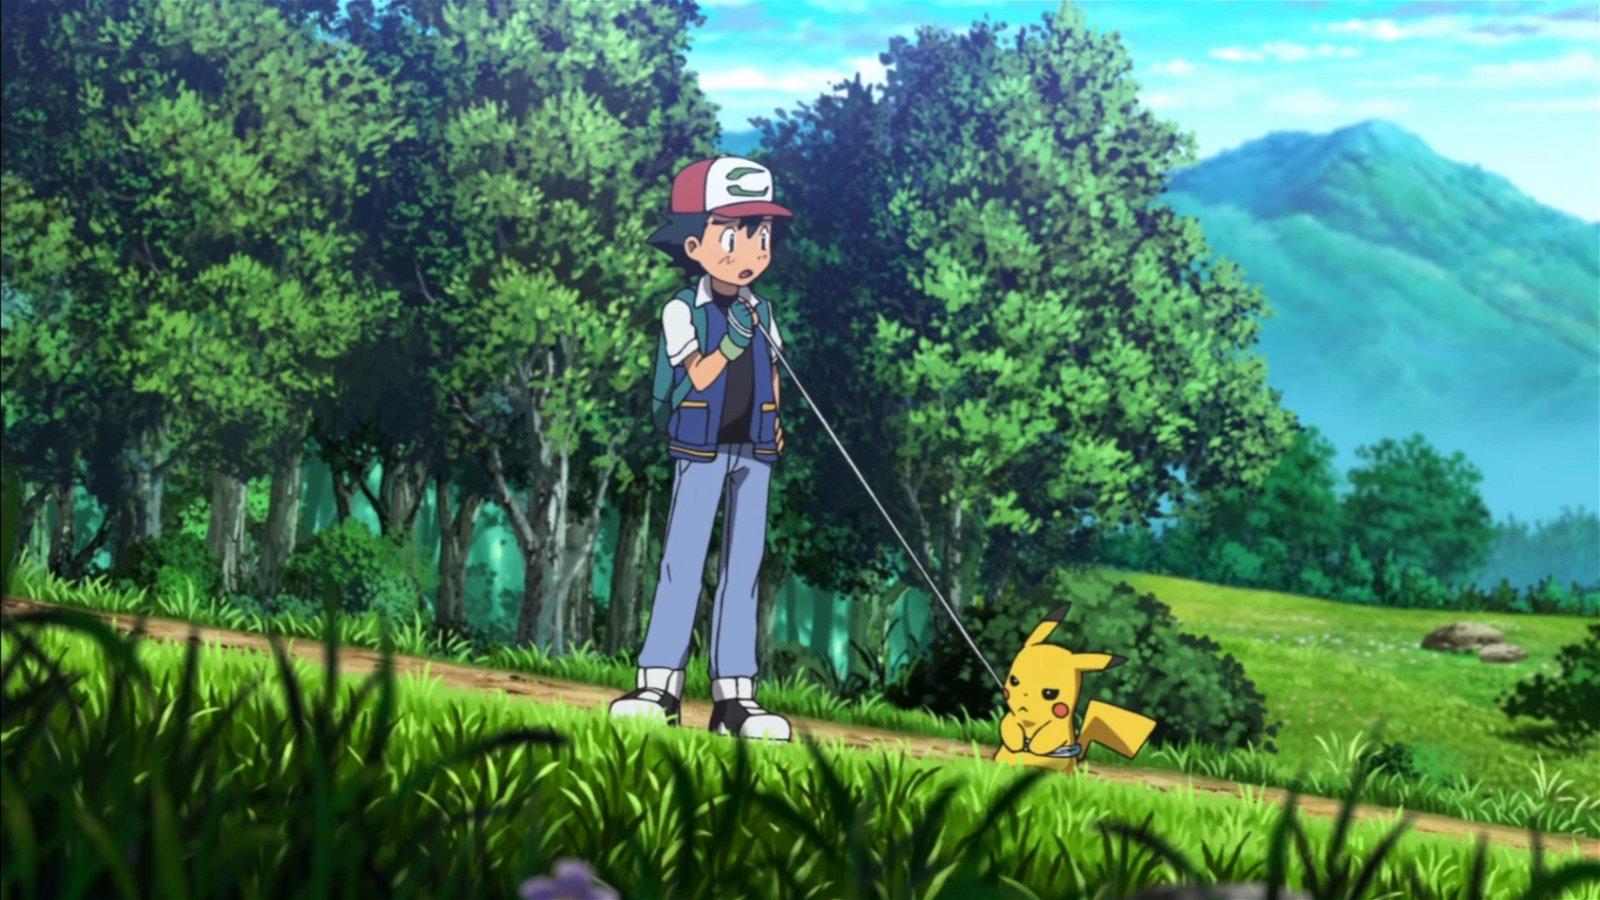 Pokémon presenta el primer tráiler de su nueva película, I Choose You